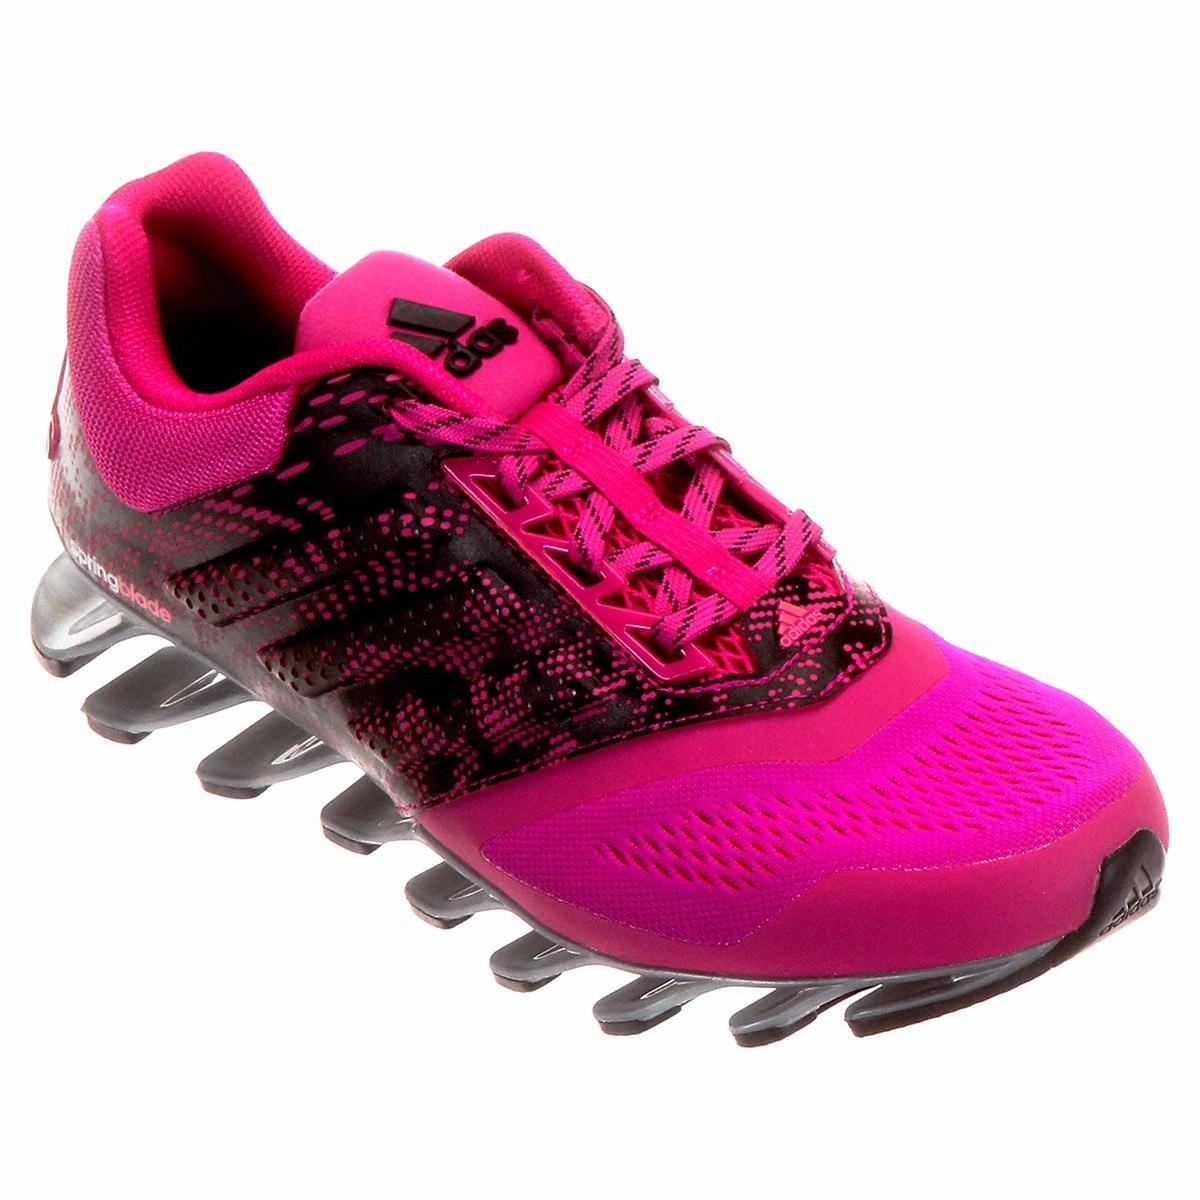 buy online 0c1af 93eba Tênis adidas Springblade Drive 2 Feminino De 999,90 Por